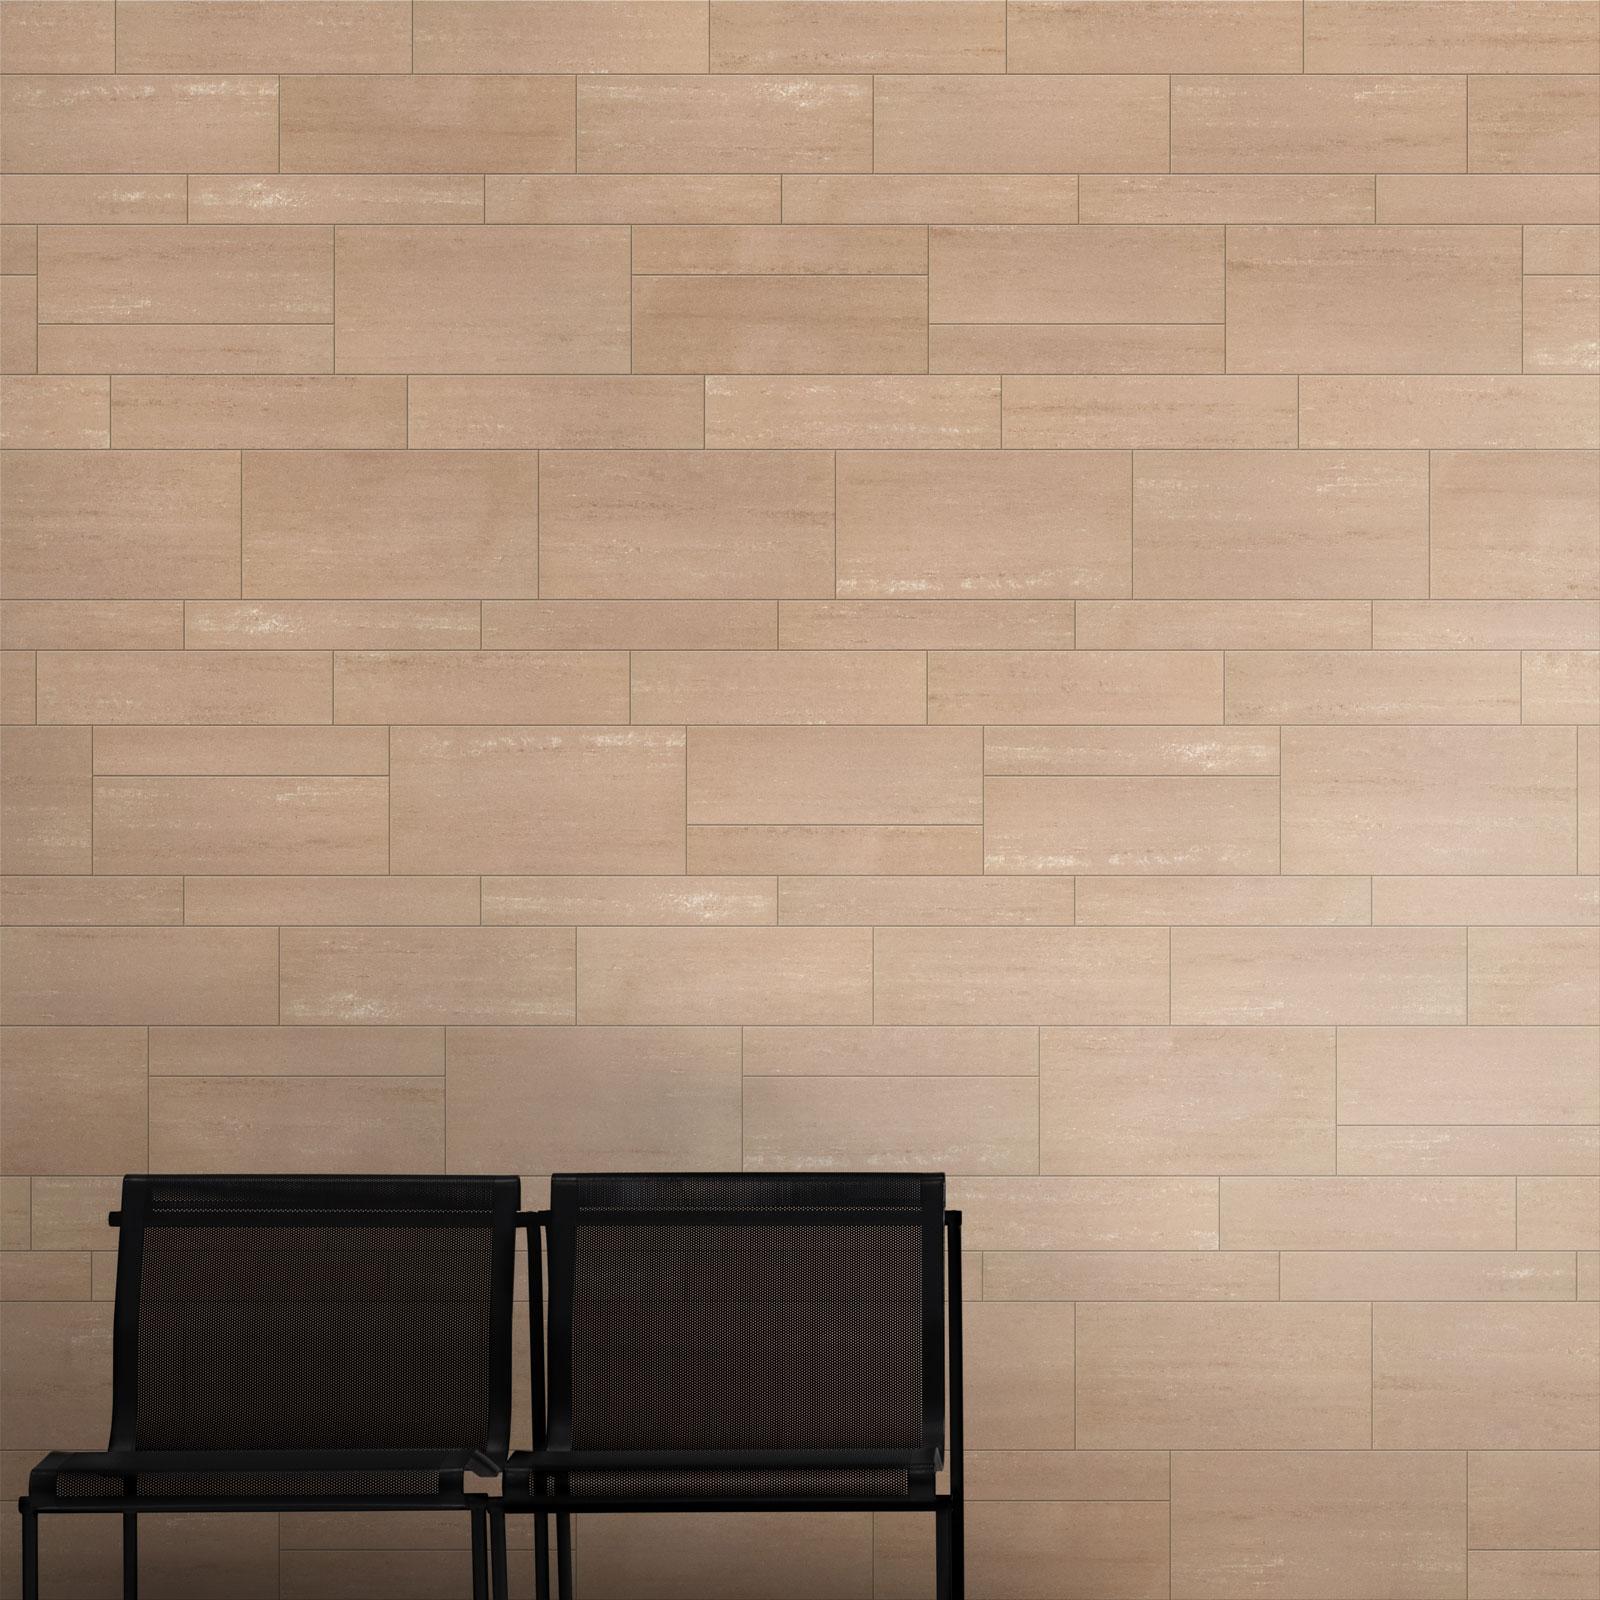 schema-bronzetto-30x60,20x60,15x60,10x60.jpg